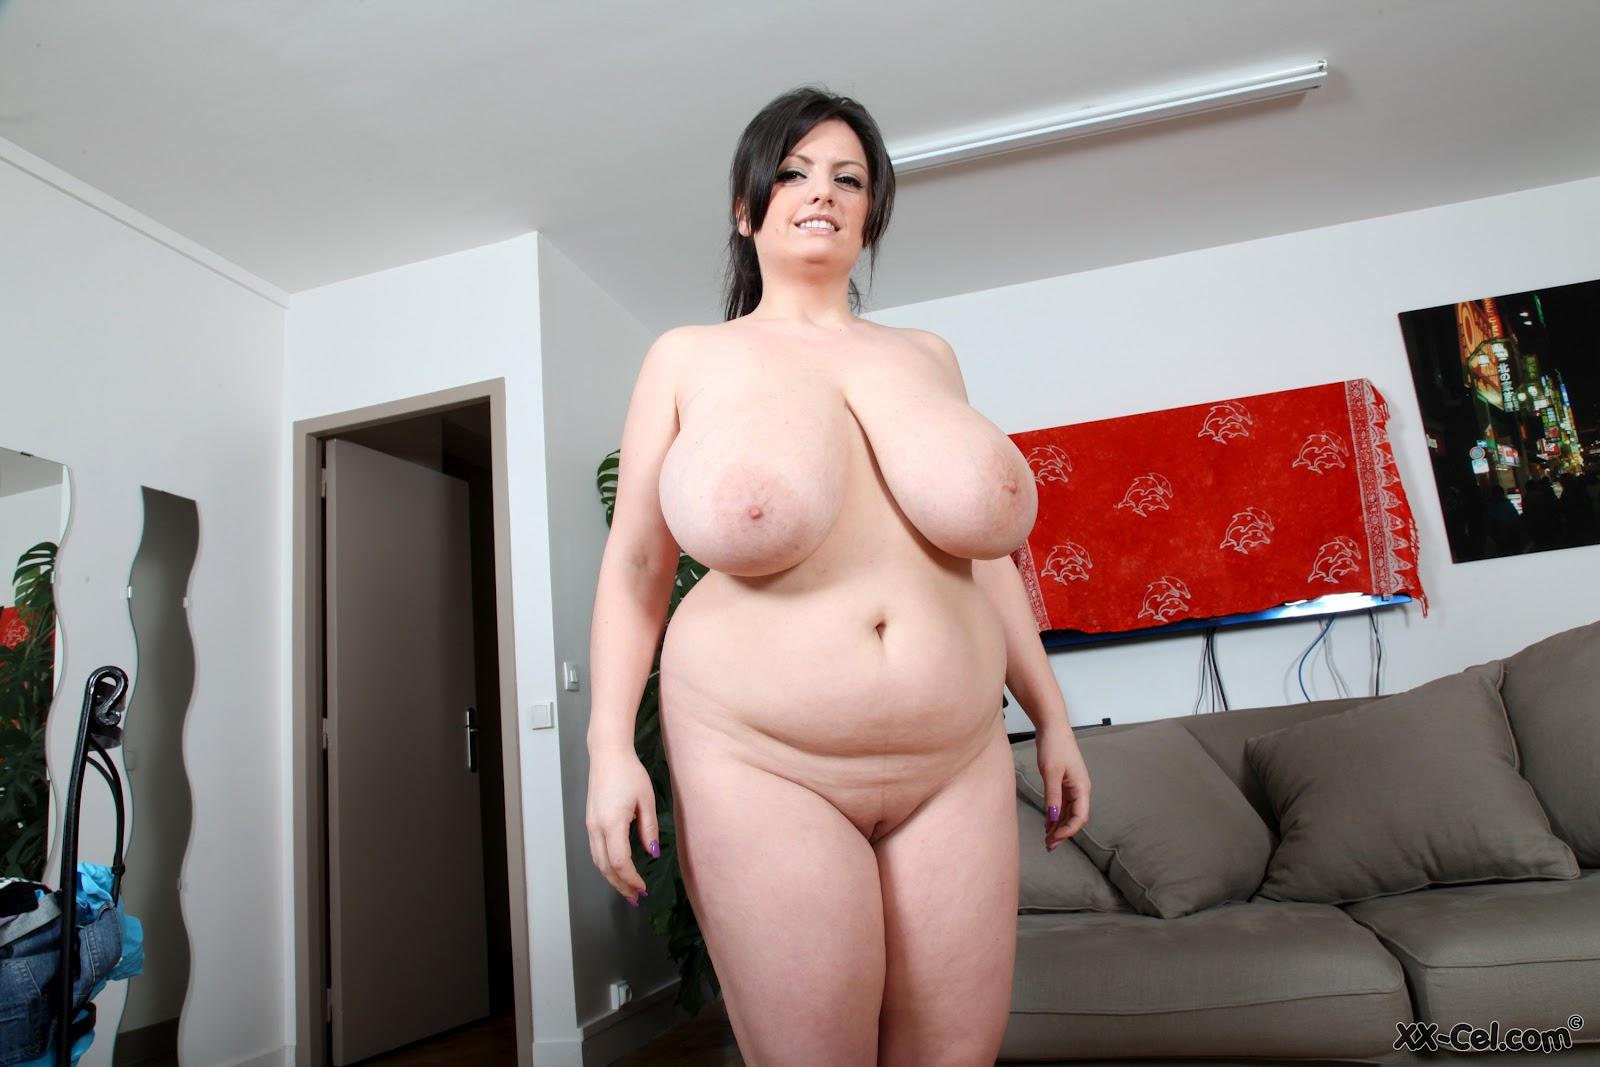 arianna sinn biggest